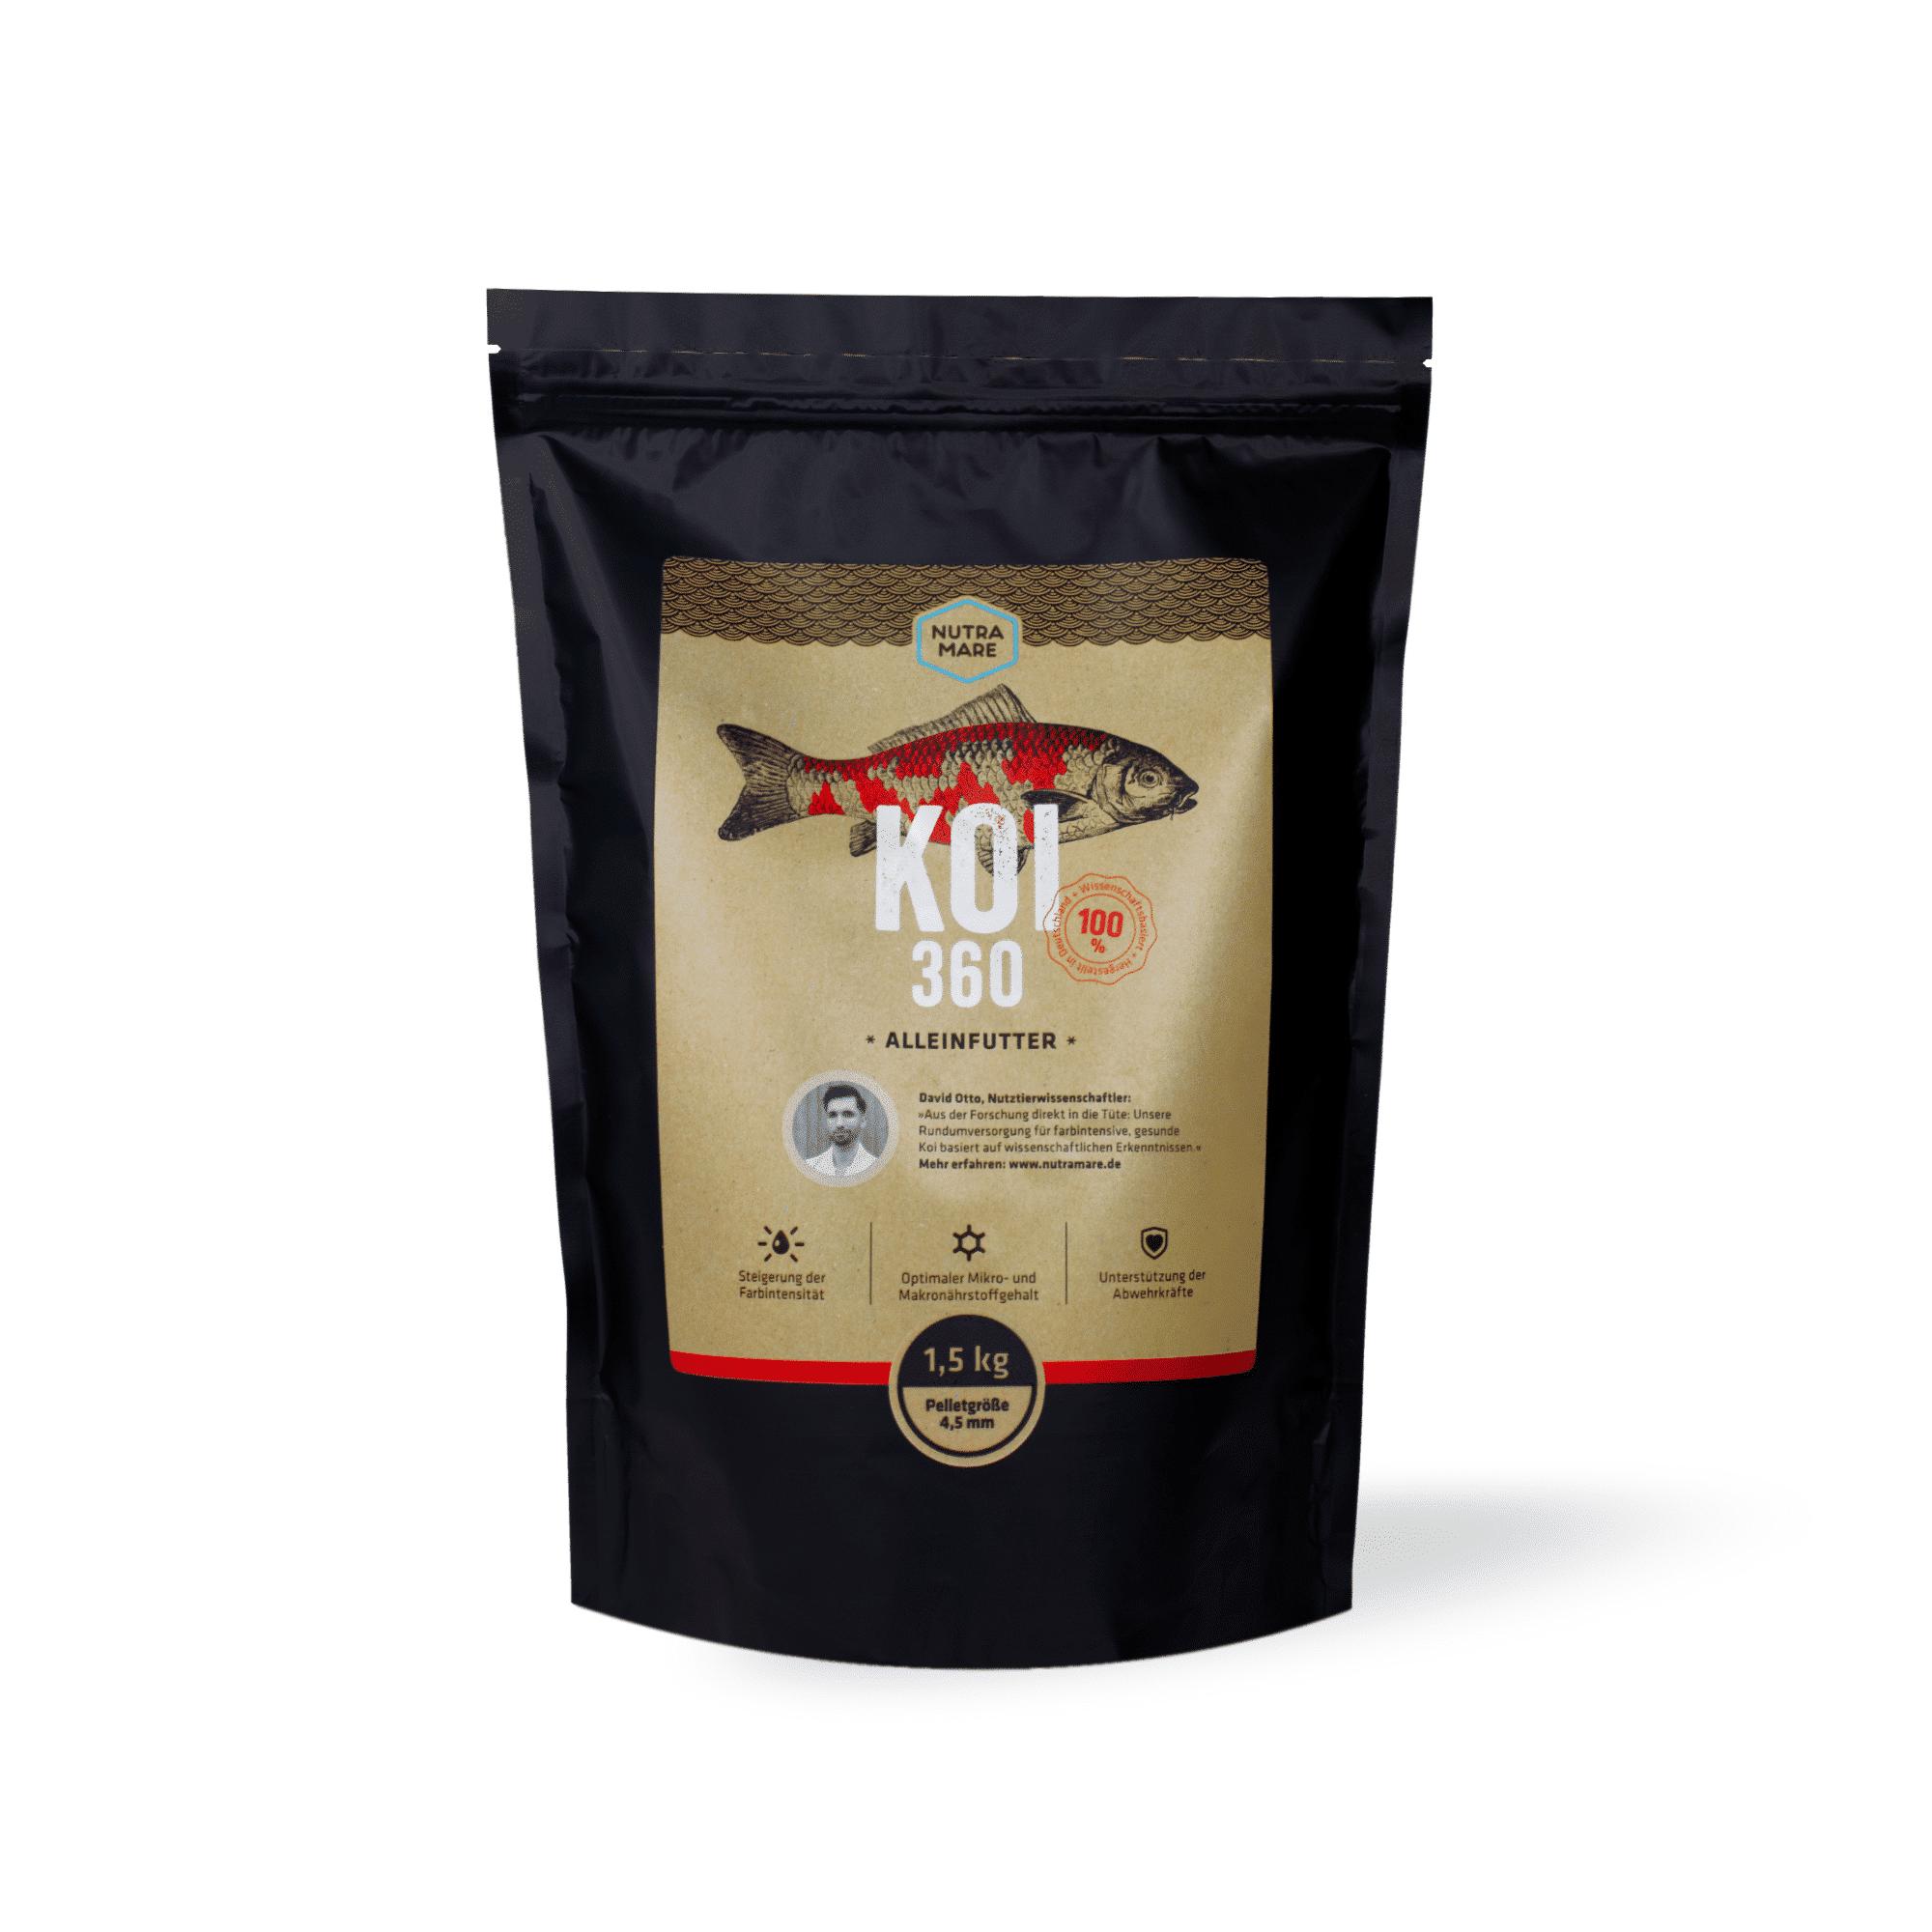 Koifutter Nutramare Koi360 1,5 kg